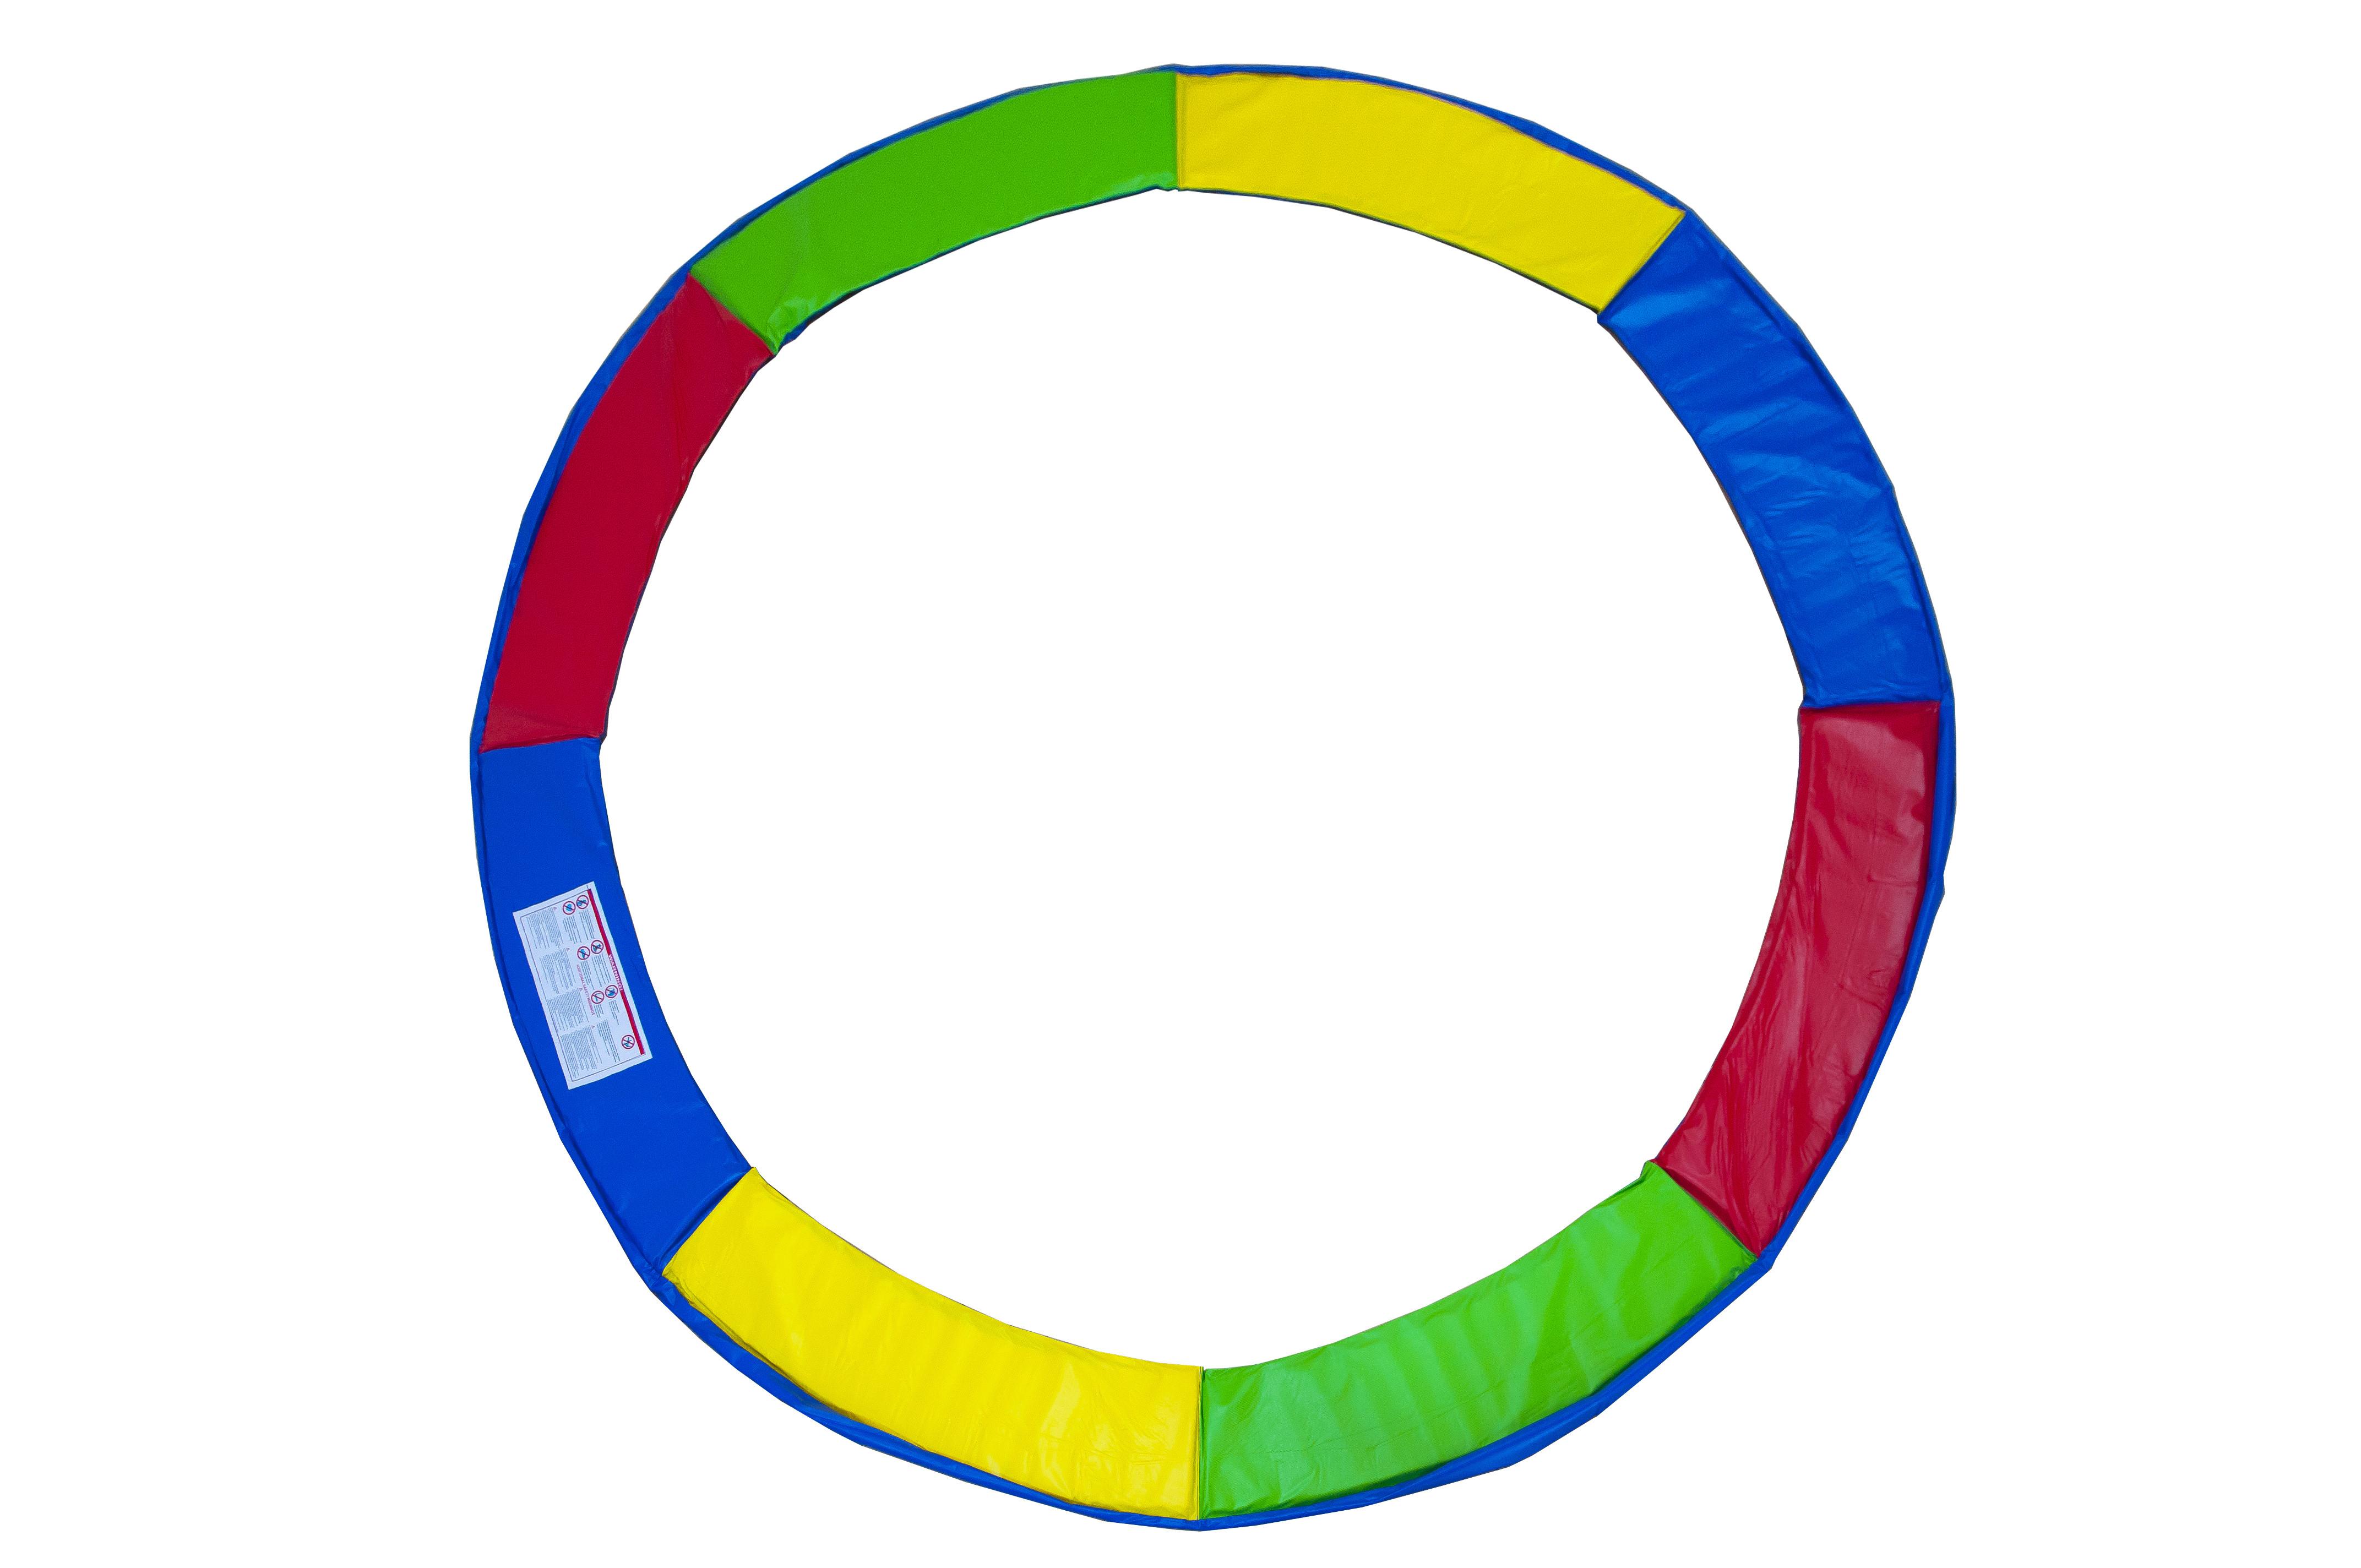 Protectie Arcuri pentru Trambulina Multicolor 244 cm L641 0